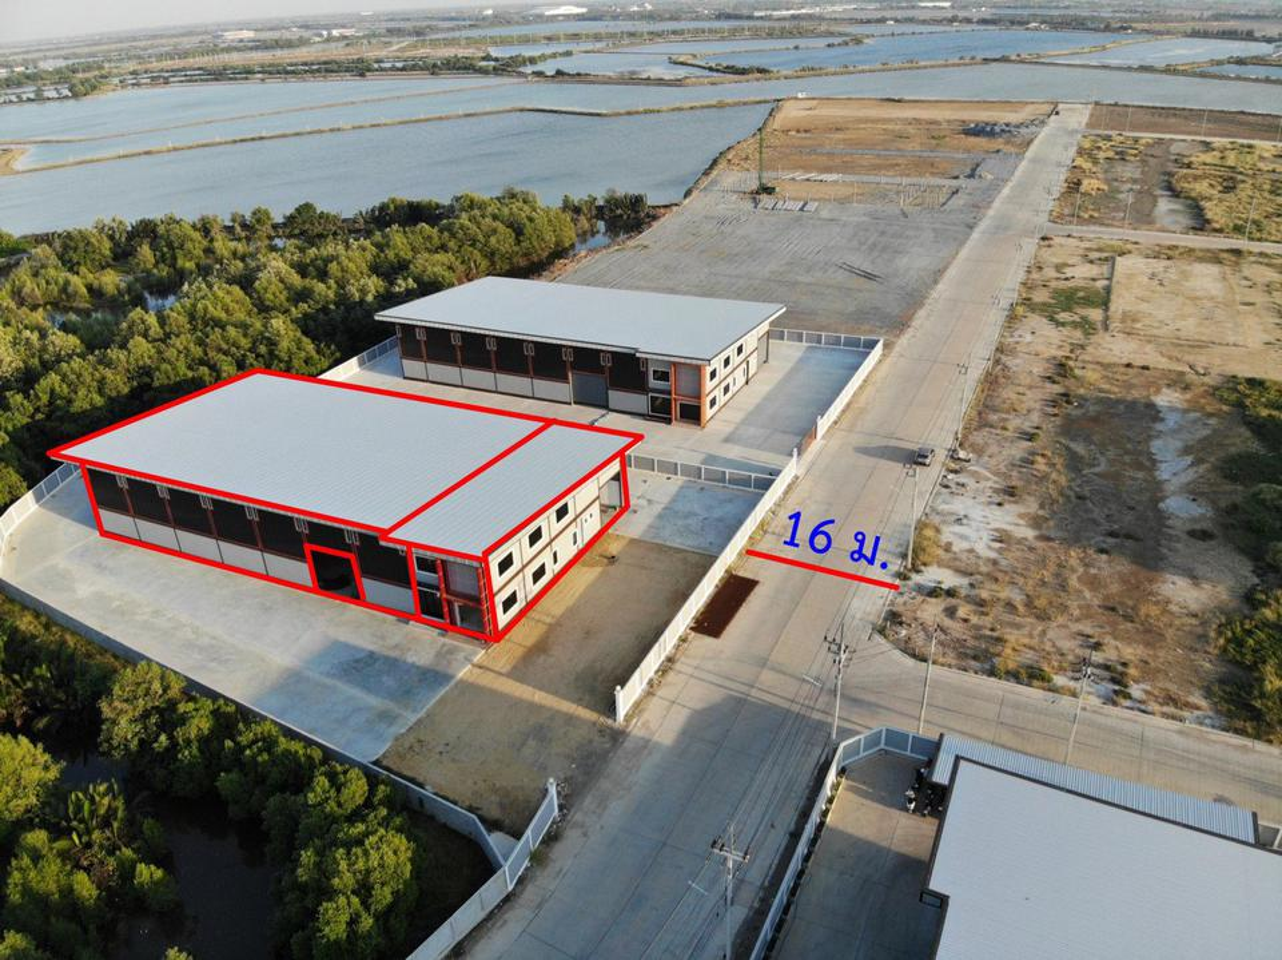 S268 โรงงานสร้างใหม่พร้อมใช้งานไม่ไกลจากกรุงเทพ 2 ไร่กว่า 1,320 ตร.ม. ถนนกว้าง เดินทางสะดวก กู้ง่าย ขายโรงงานสมุทรสาคร รูปที่ 2